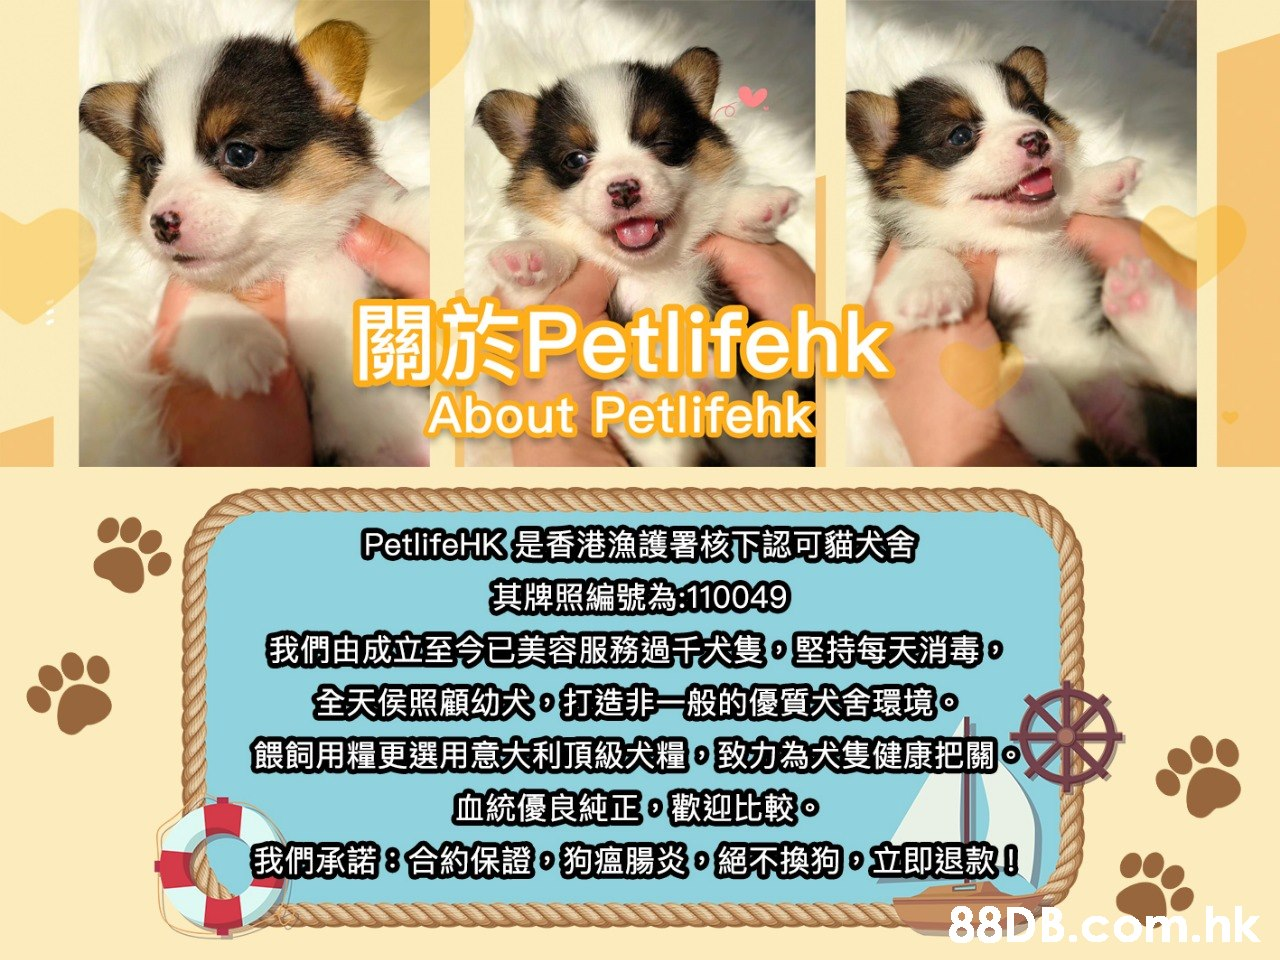 關於Petlifehk About Petlifehk PetlifeHK是香港漁護署核下認可貓犬舍 其牌照編號為110049 我們由成立至已美容服務過大隻。堅持每天消毒。 全天侯照顧幼大打造非一般的優質犬舍環境。 餵飼用糧更選用意大利頂級犬糧。致力為犬隻健康把關。 血統優良純正。歡迎比較。 我們承諾8合約保證。狗瘟腸炎。絕不換狗0立即退款 .hk  Canidae,Dog,Puppy,Dog breed,Carnivore